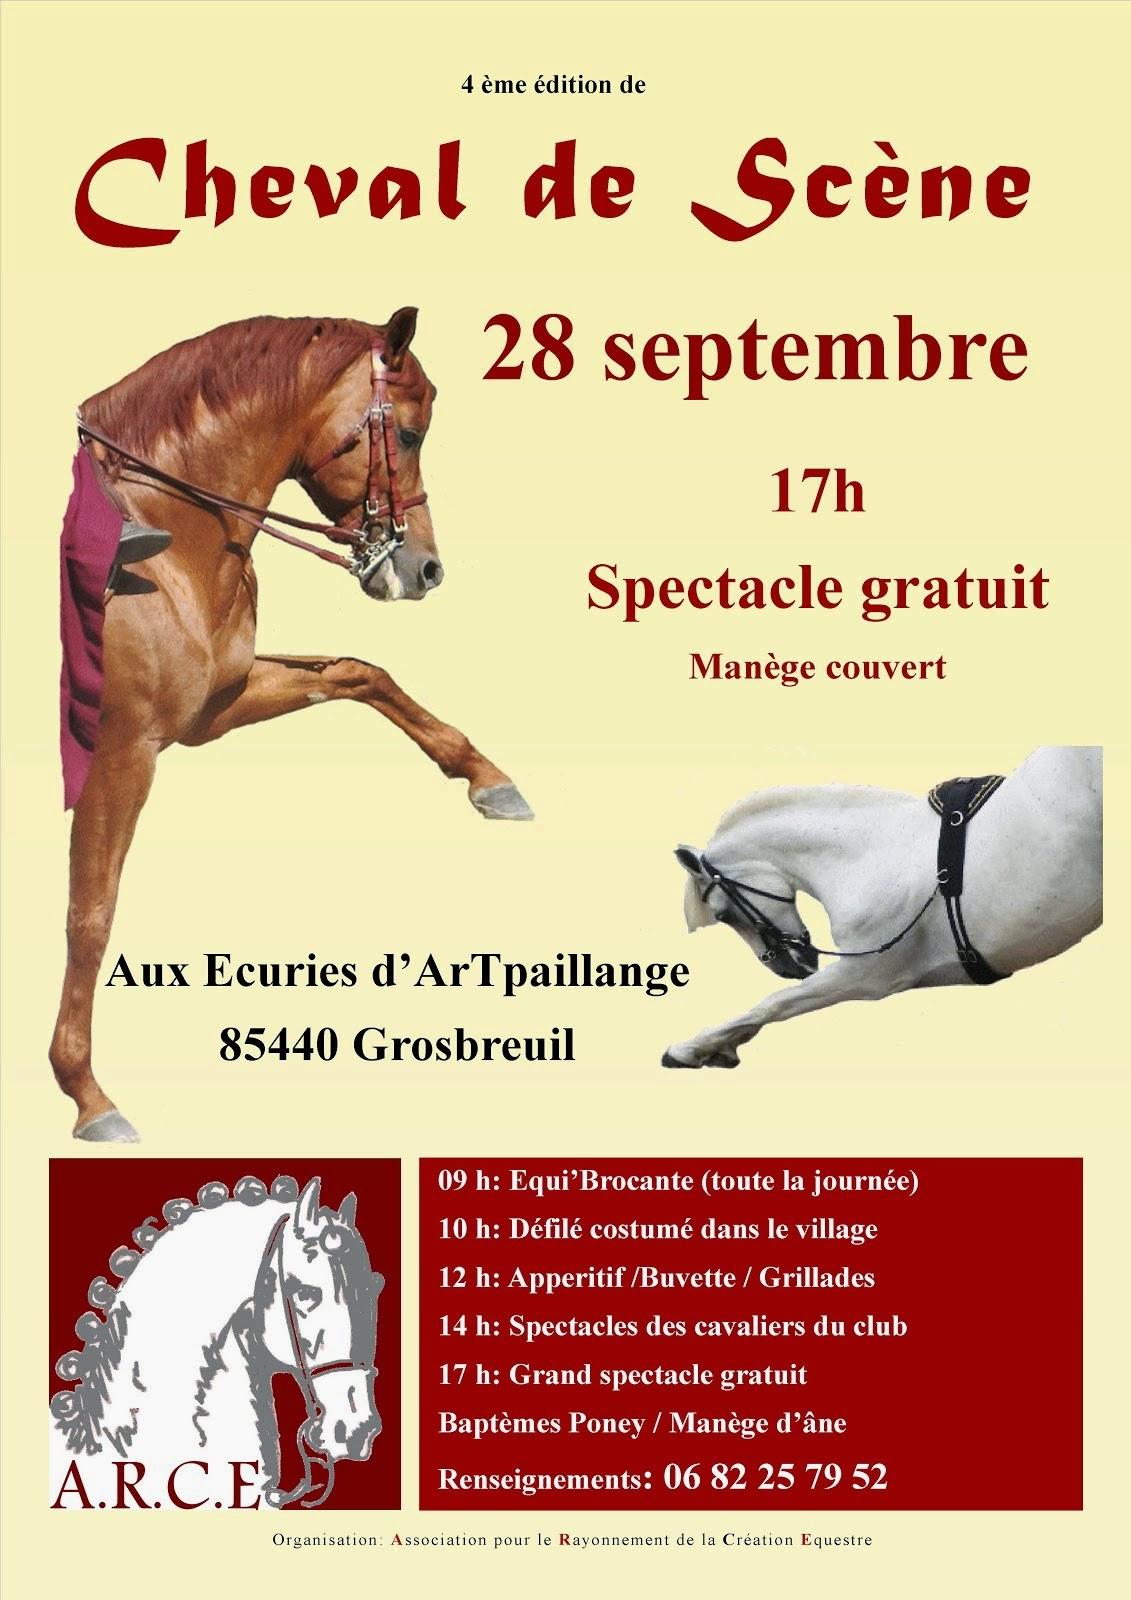 Cheval de scène Grosbreuil Ecuries d'Artpaillange